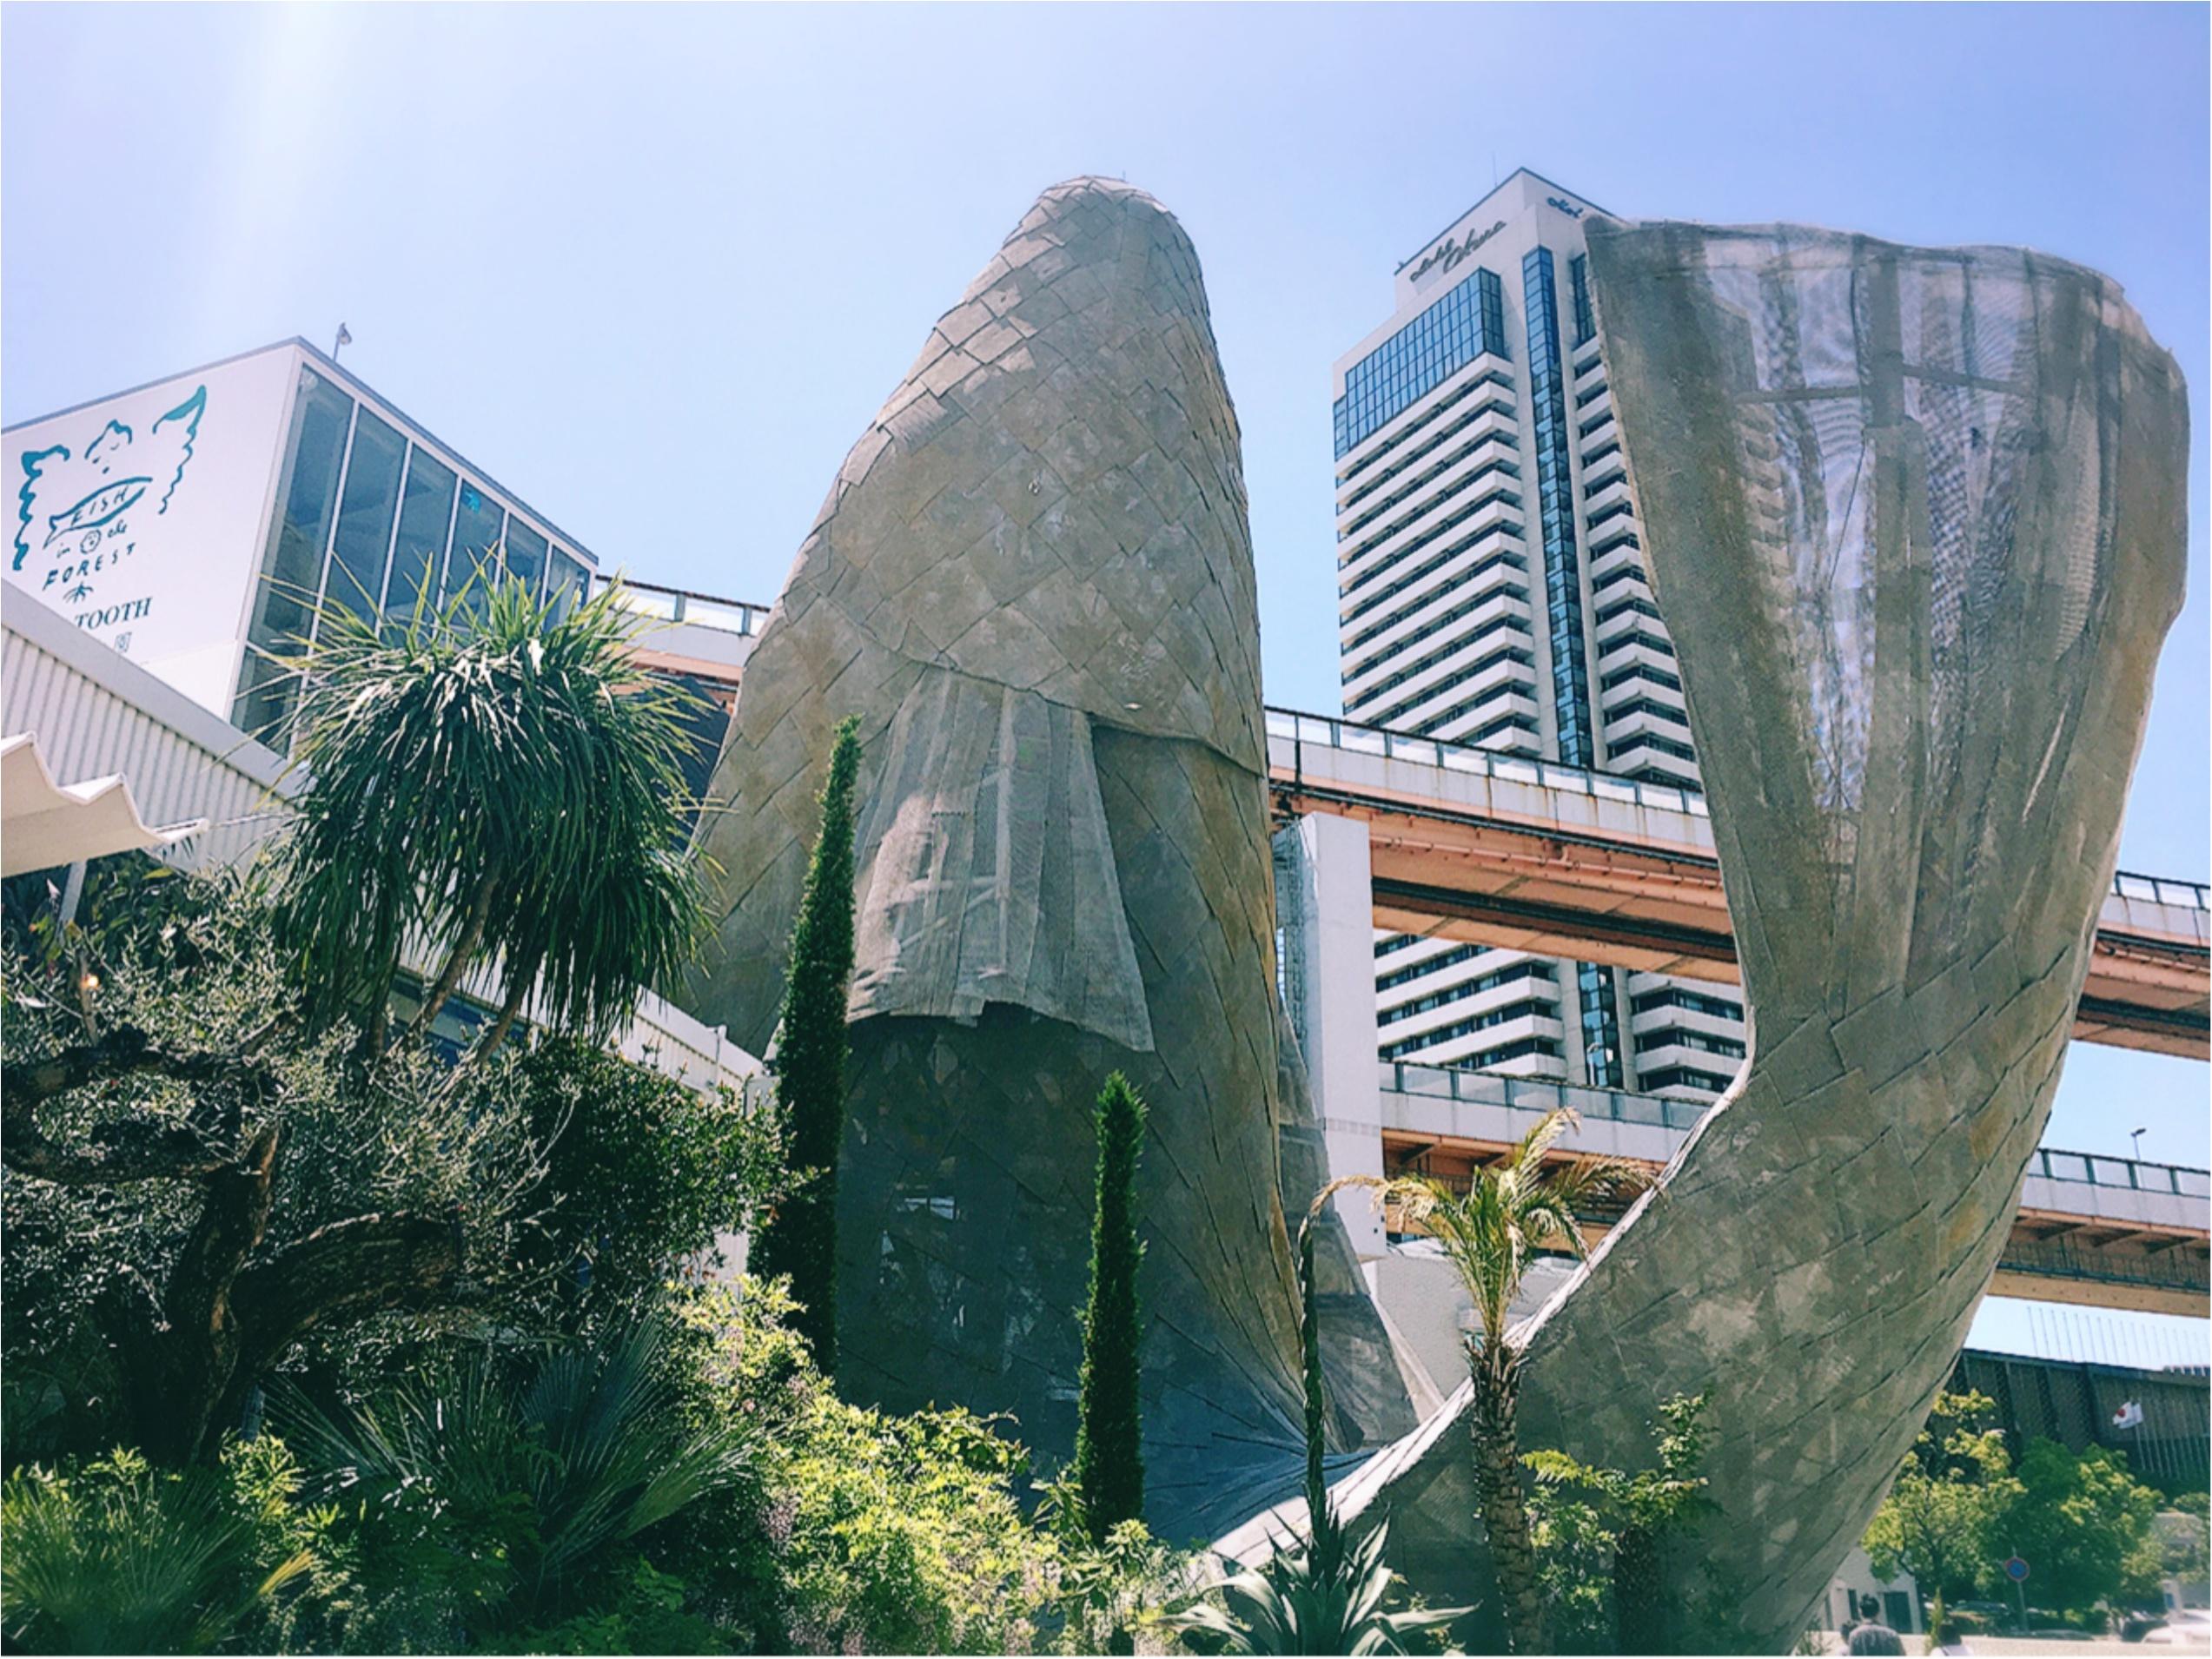 神戸★みそさんぽ-メリケンパークに新スポット続々!地元に愛されたcafe Fish!がリニューアル-_2